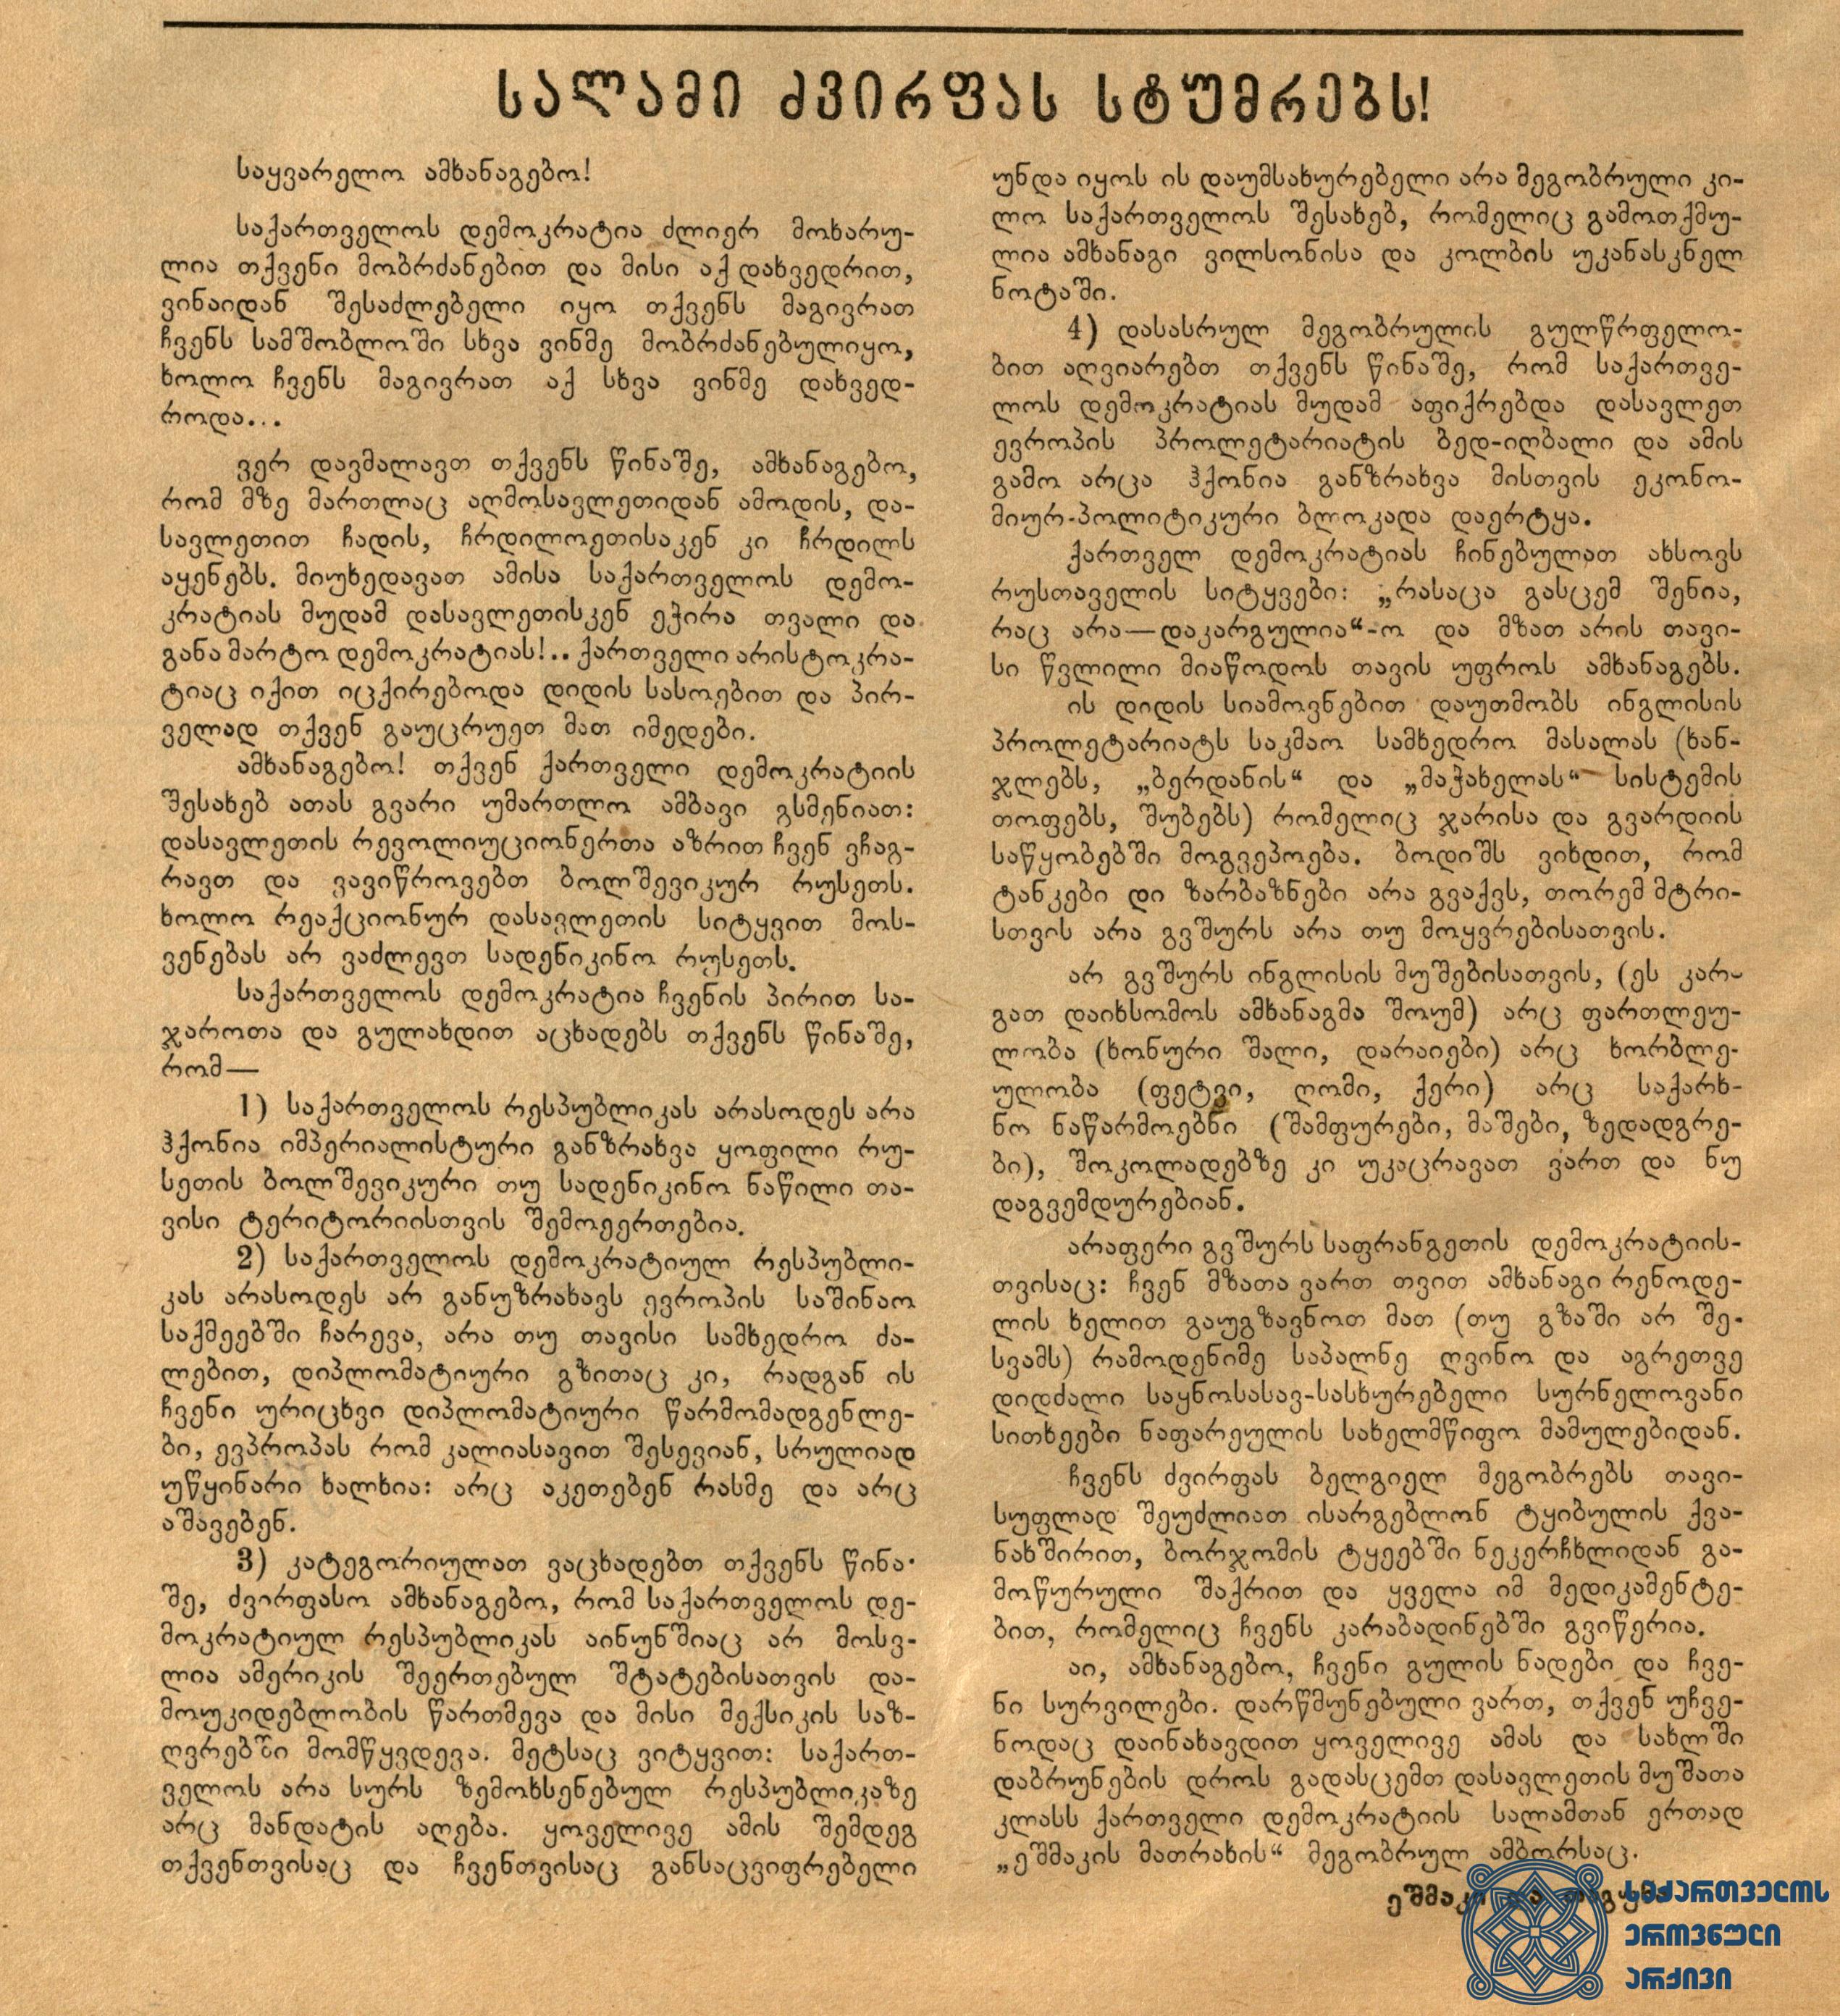 """გაზეთ ,,ეშმაკის მათრახის"""" კორესპონდენტთა – ,,ეშმაკისა"""" და ,,თაგუნას"""" – იუმორისტული მისალმება მეორე ინტერნაციონალის ლიდერებისადმი. გაზეთი """"ეშმაკის მათრახი"""", 1920 წლის 26 სექტემბერი. <br> Comic greeting of the newspaper """"Eshmakis Matrakhi's"""" correspondents – """"Eshmaki"""" and """"Taguna"""" – to the leaders of the Second International. Newspaper """"Eshmakis Matrakhi"""" (Devil's Whip), September 26, 1920."""